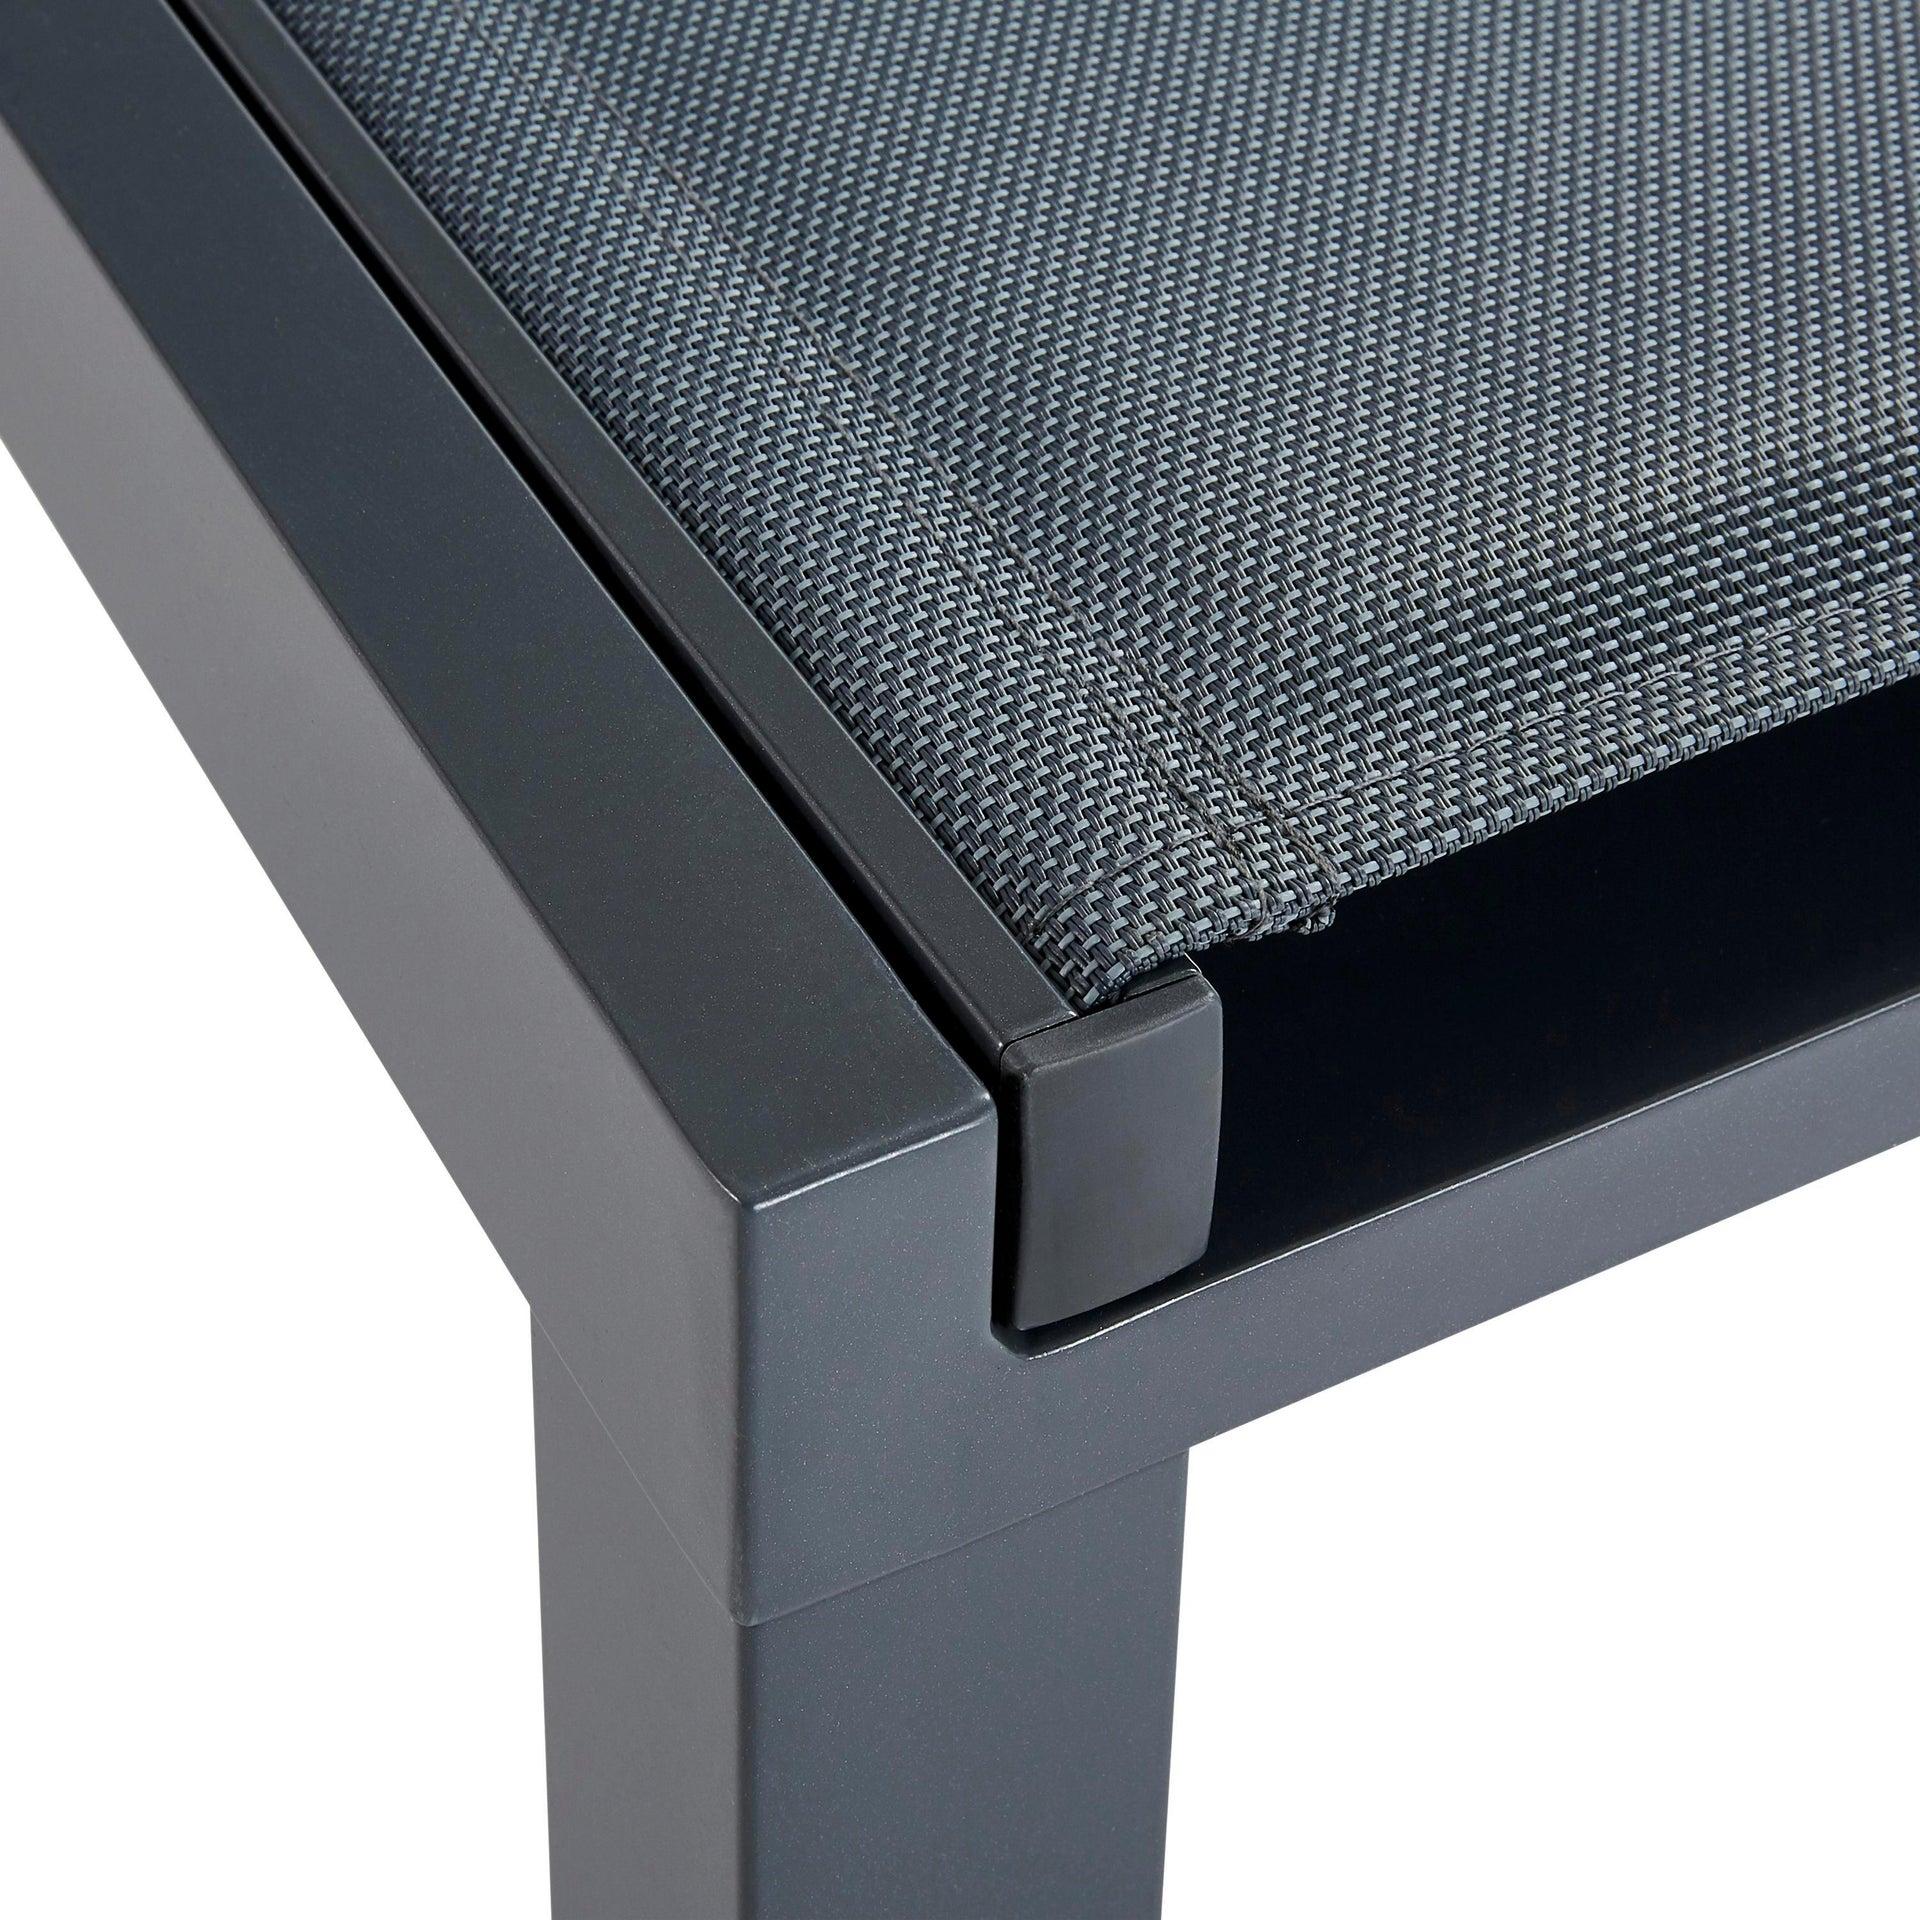 Lettino senza cuscino impilabile NATERIAL Aquila in alluminio grigio scuro - 16